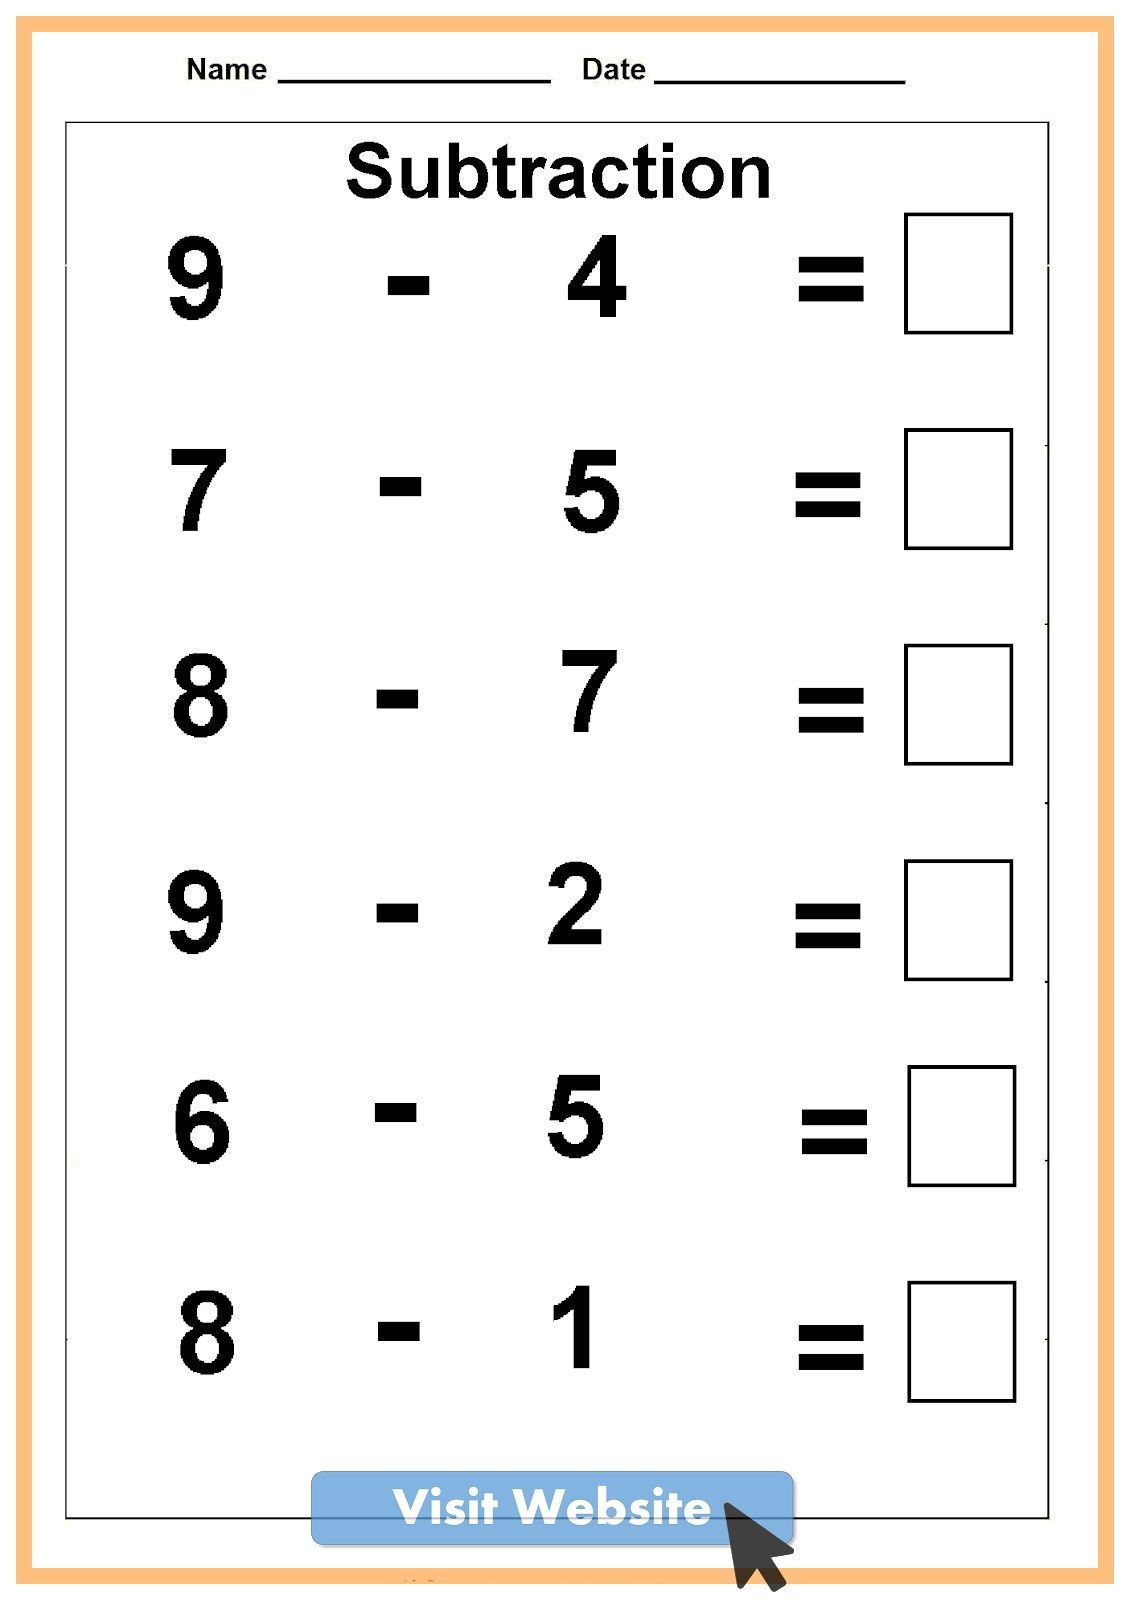 Math Worksheets For Kindergarten And Grade 1 Kindergarten Math Worksheets Free Math Addition Worksheets Kindergarten Subtraction Worksheets